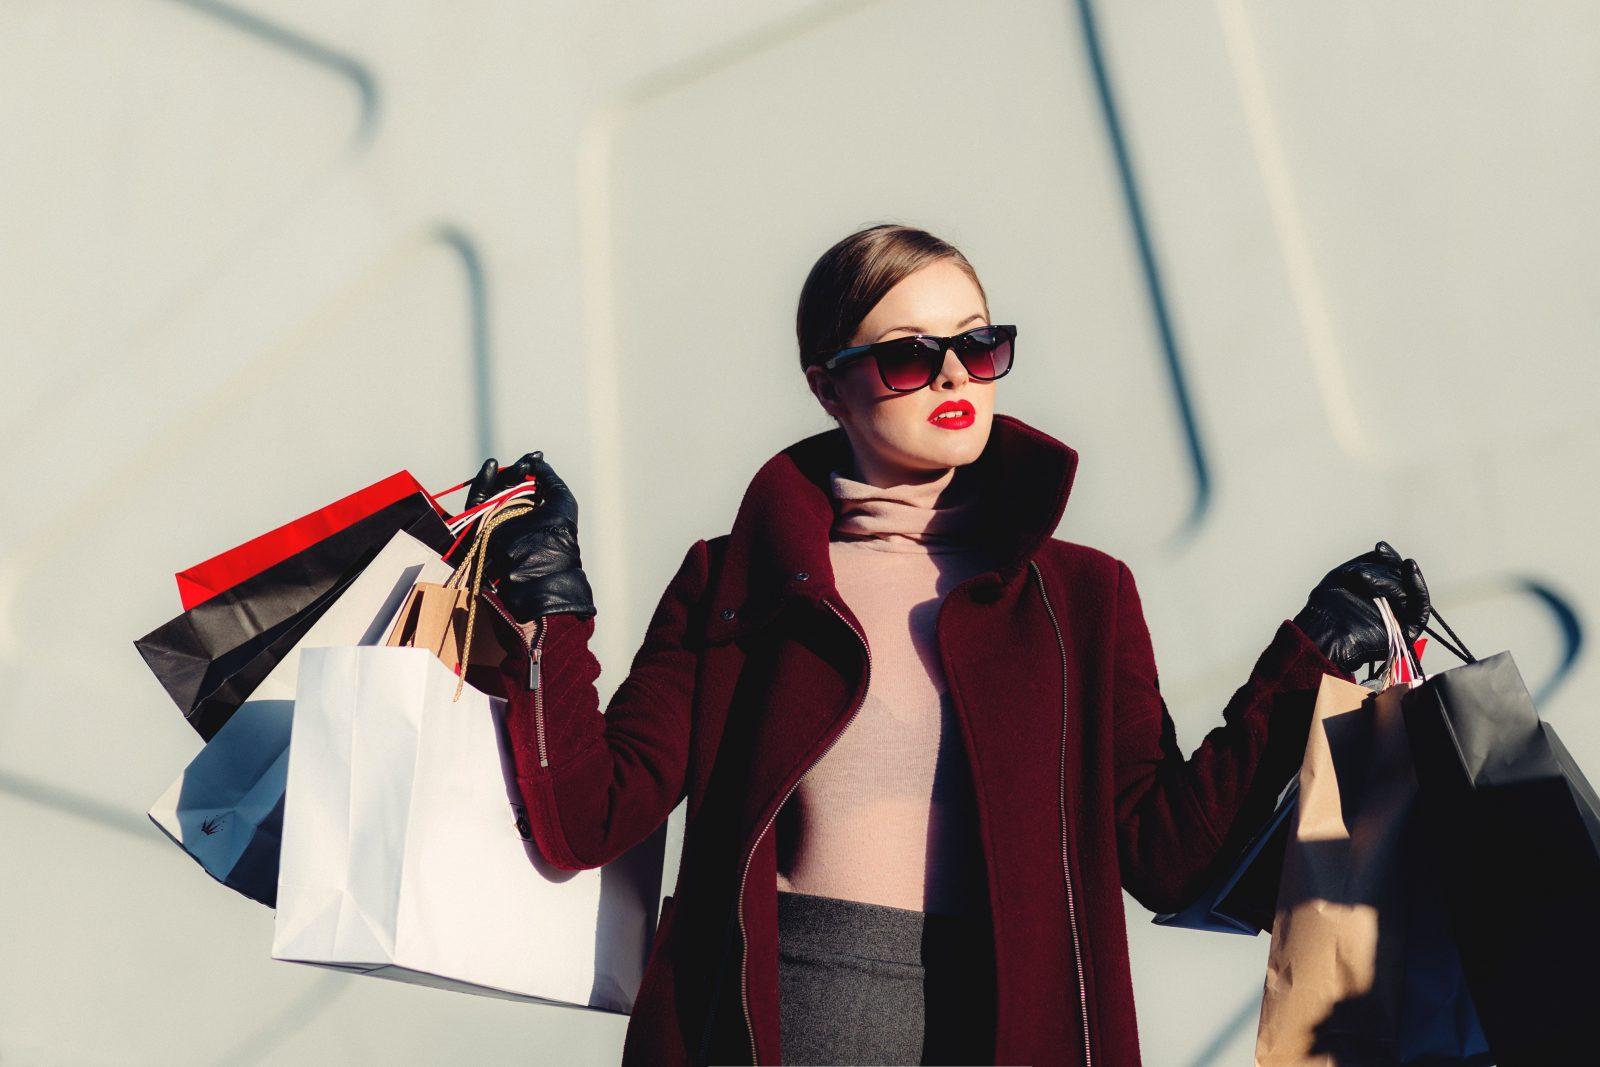 Saldi: 3 consigli per acquistare in modo intelligente